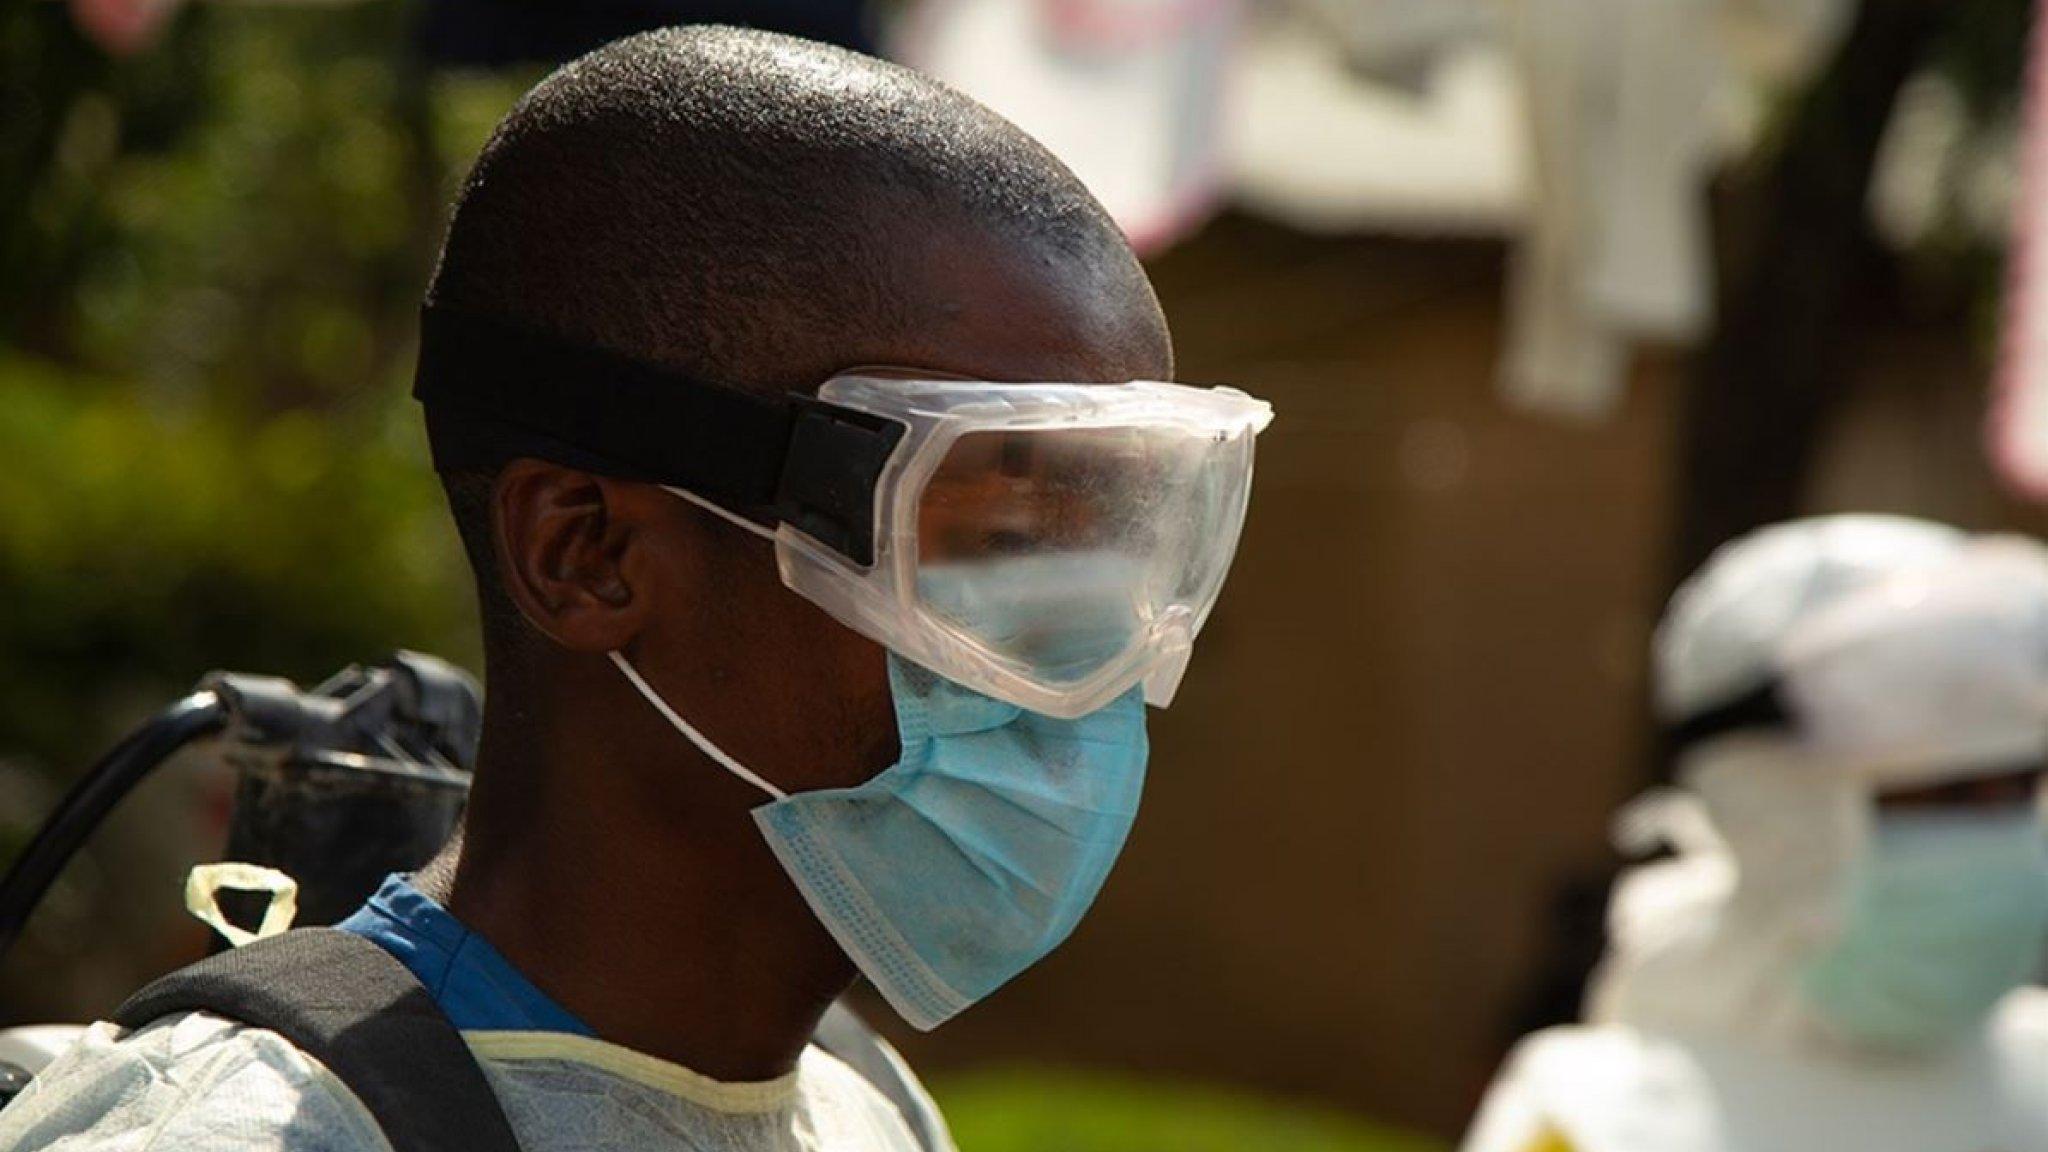 Eerste eboladoden in vijf jaar in Guinee, bezorgdheid groot - RTL Nieuws